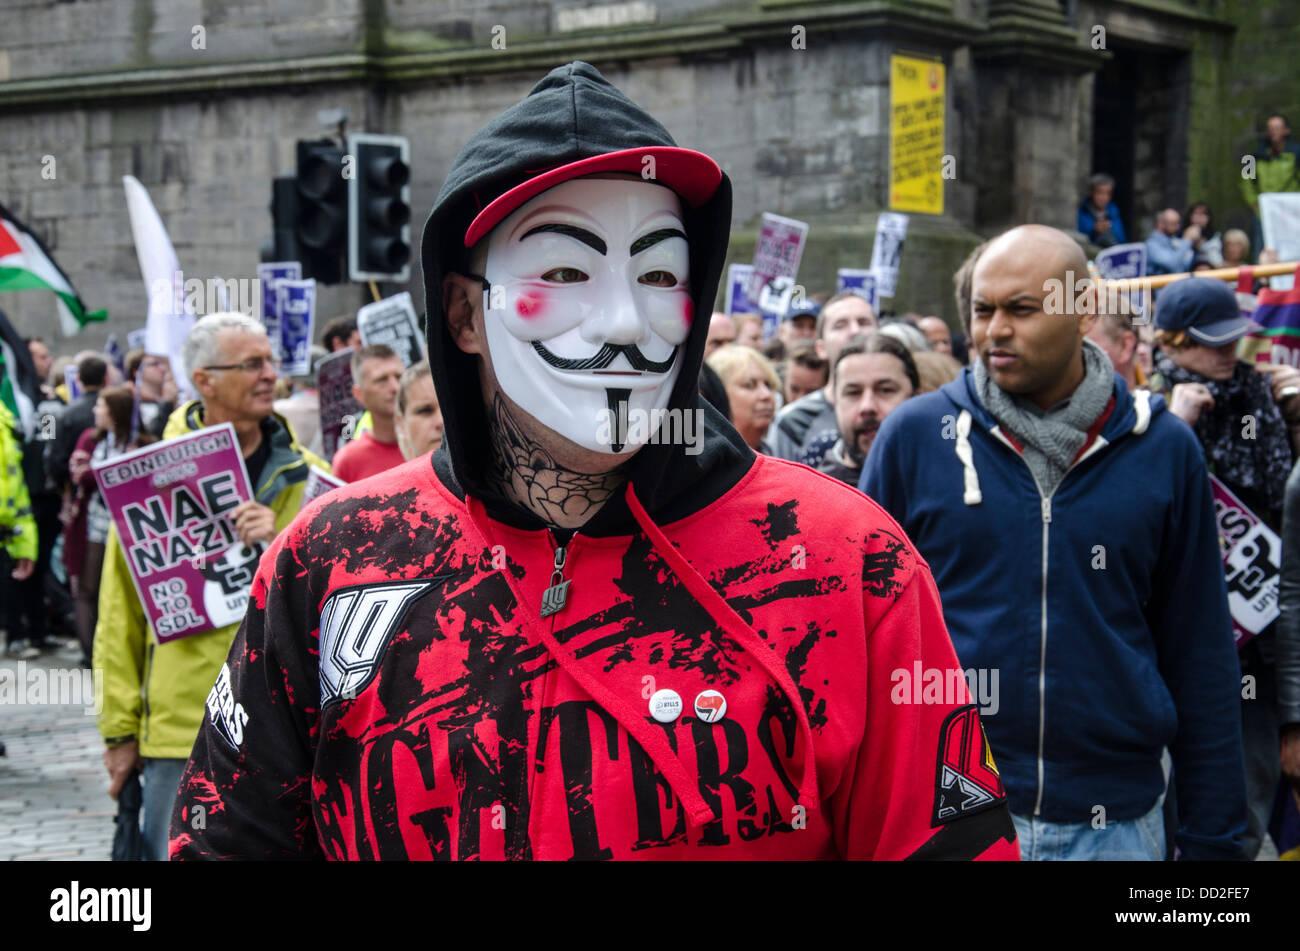 Manifestante antifascista luciendo una máscara anónima en el casco antiguo de Edimburgo. Imagen De Stock